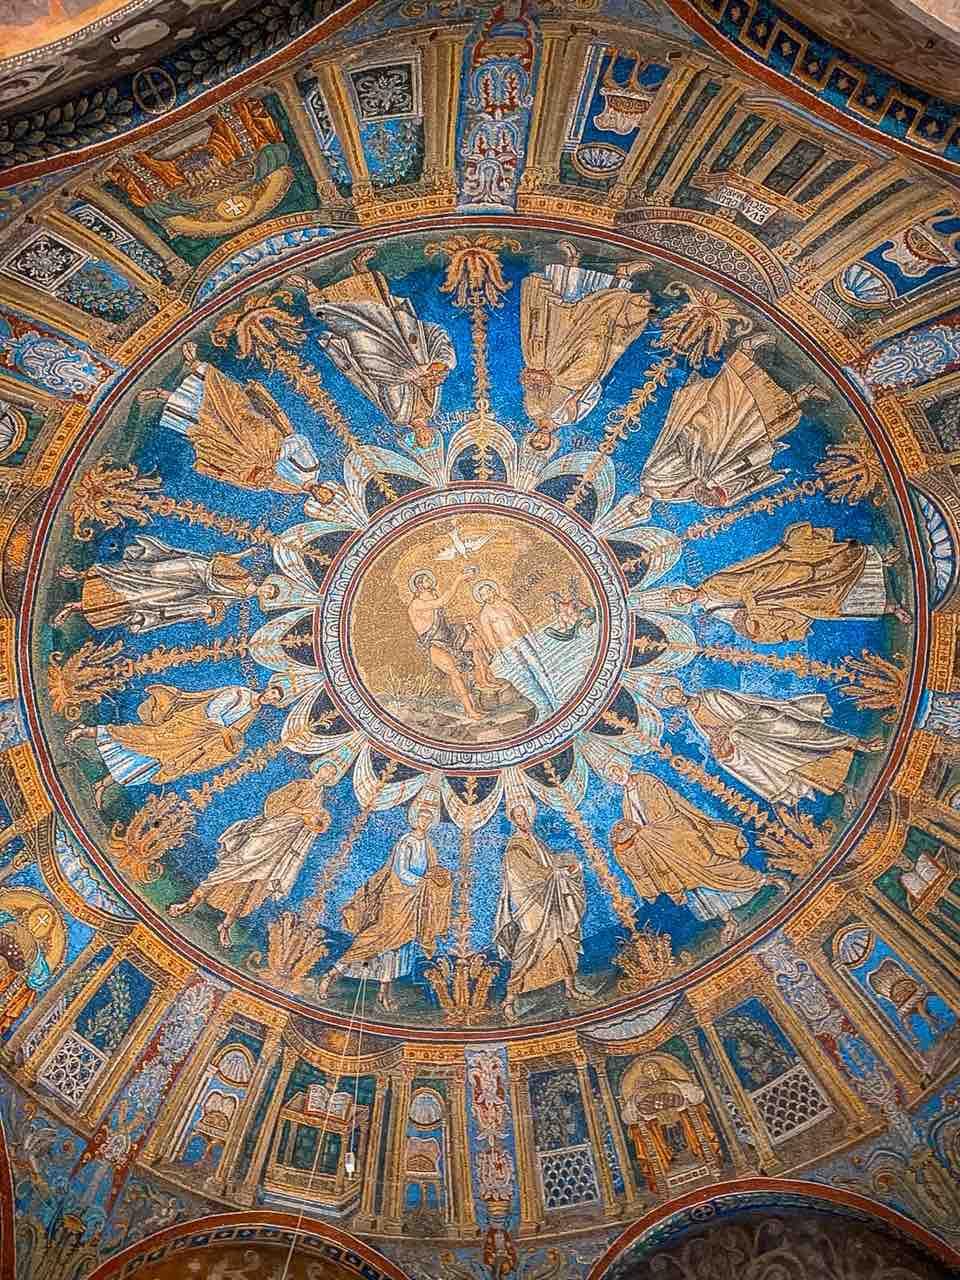 Bellissimo mosaico del battistero dei neoniani ortodossi da vedere in due giorni a Ravenna